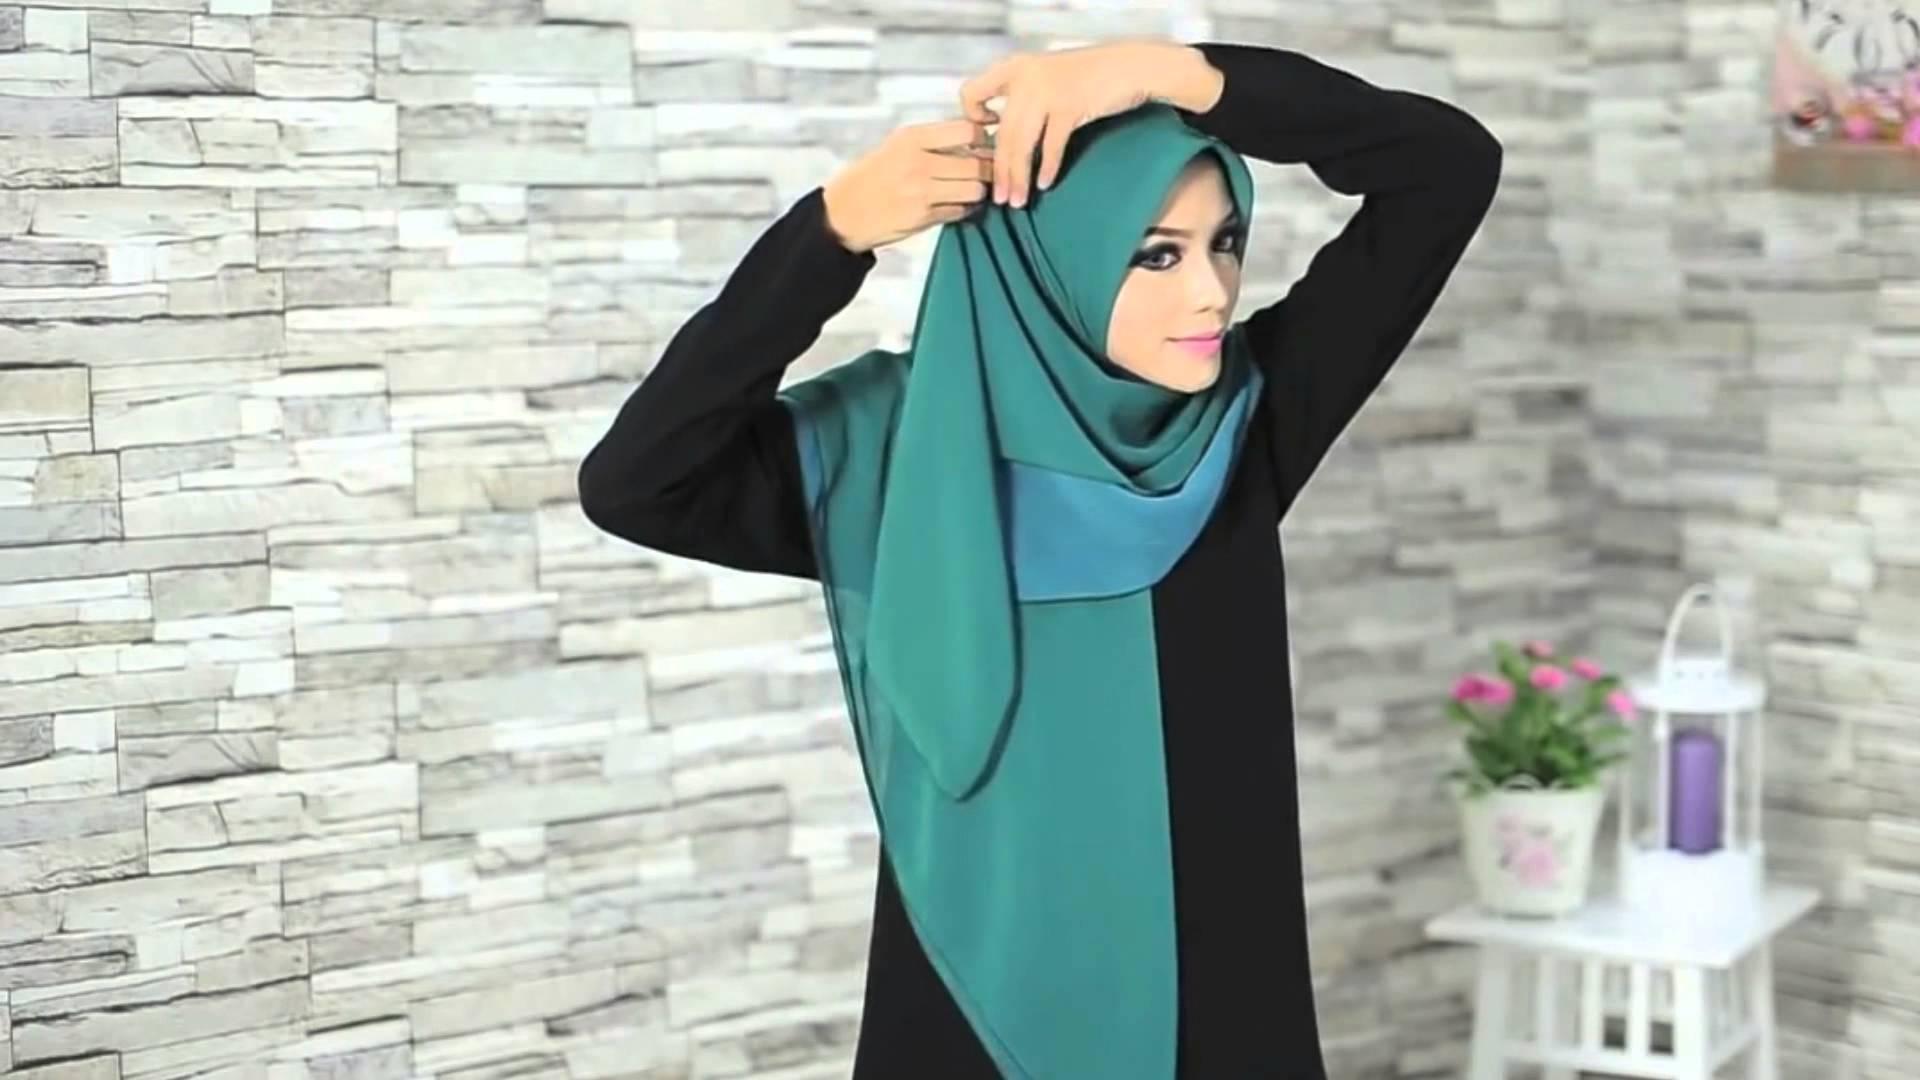 صورة صور خمار , اروع موديلات الحجابات و الخمارات